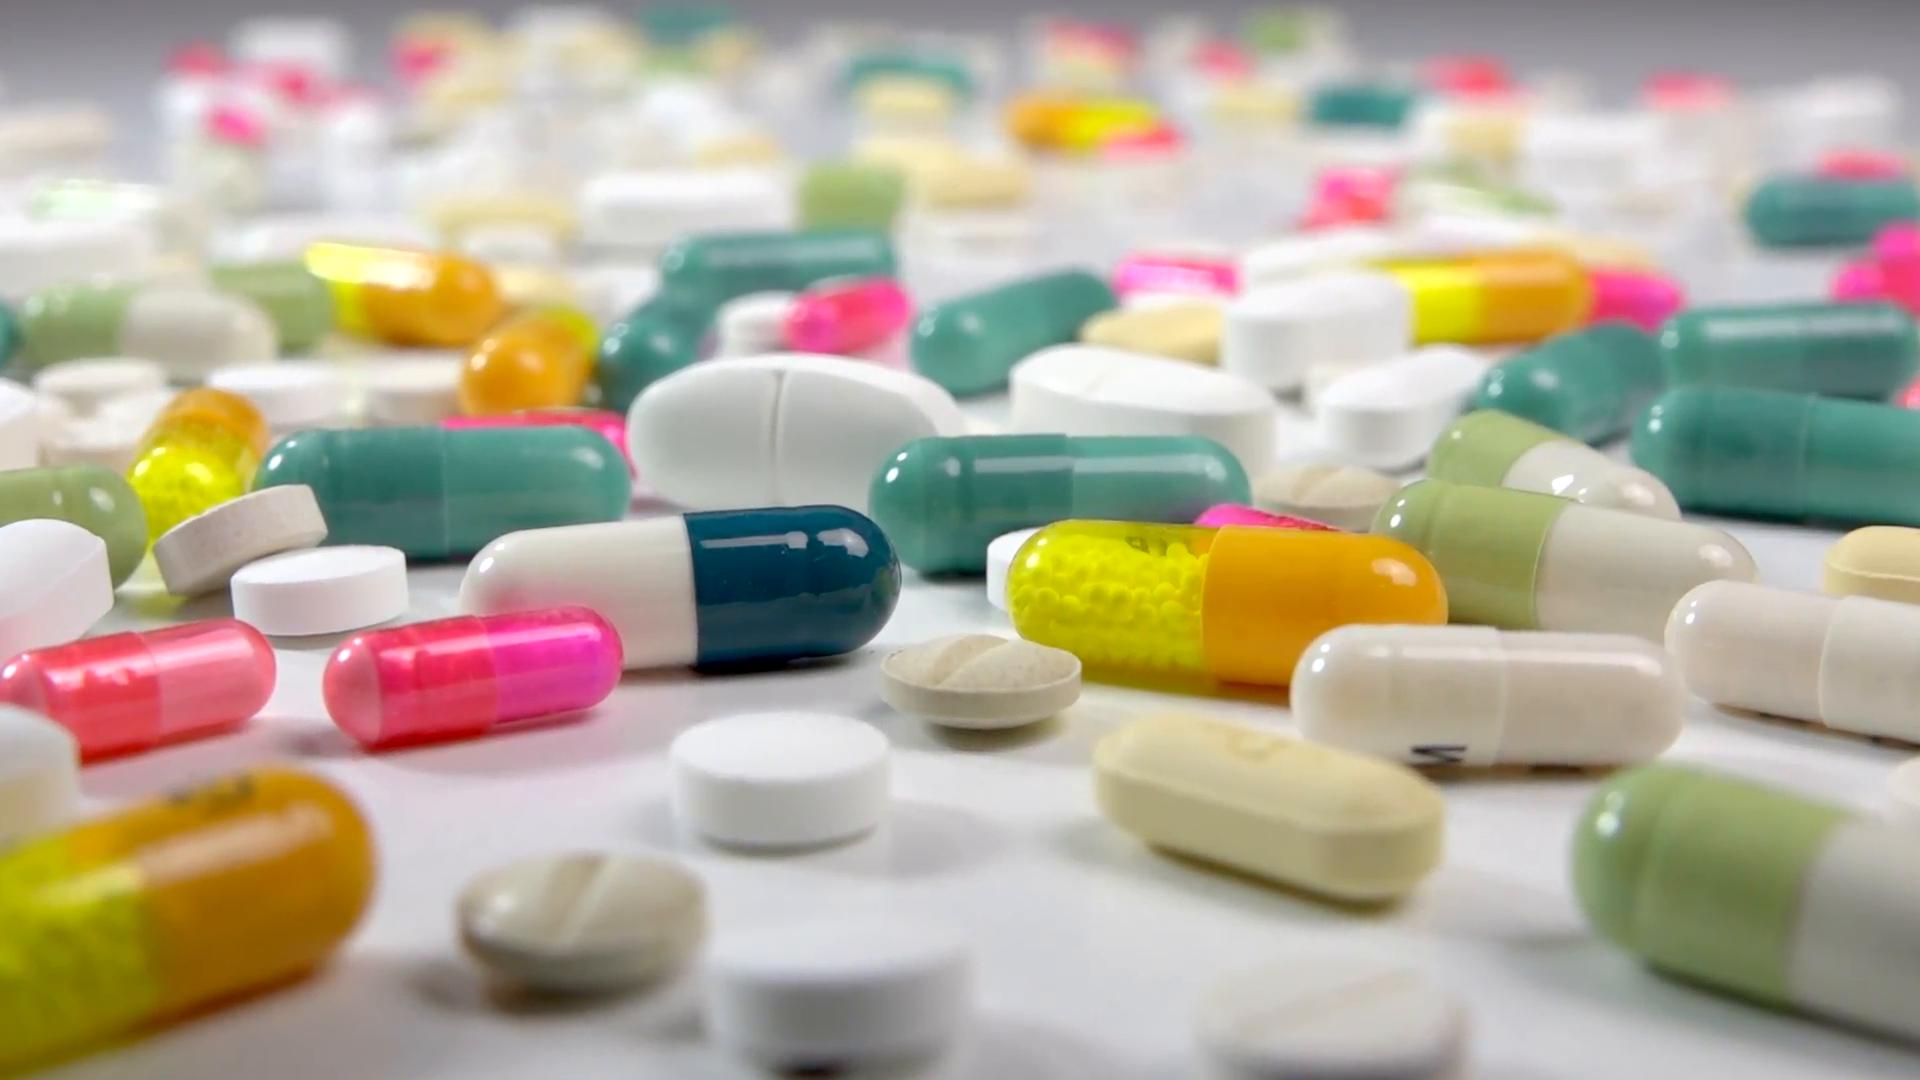 اگر از داروهای ضدانعقاد استفاده می کنید این مطلب را بخوانید